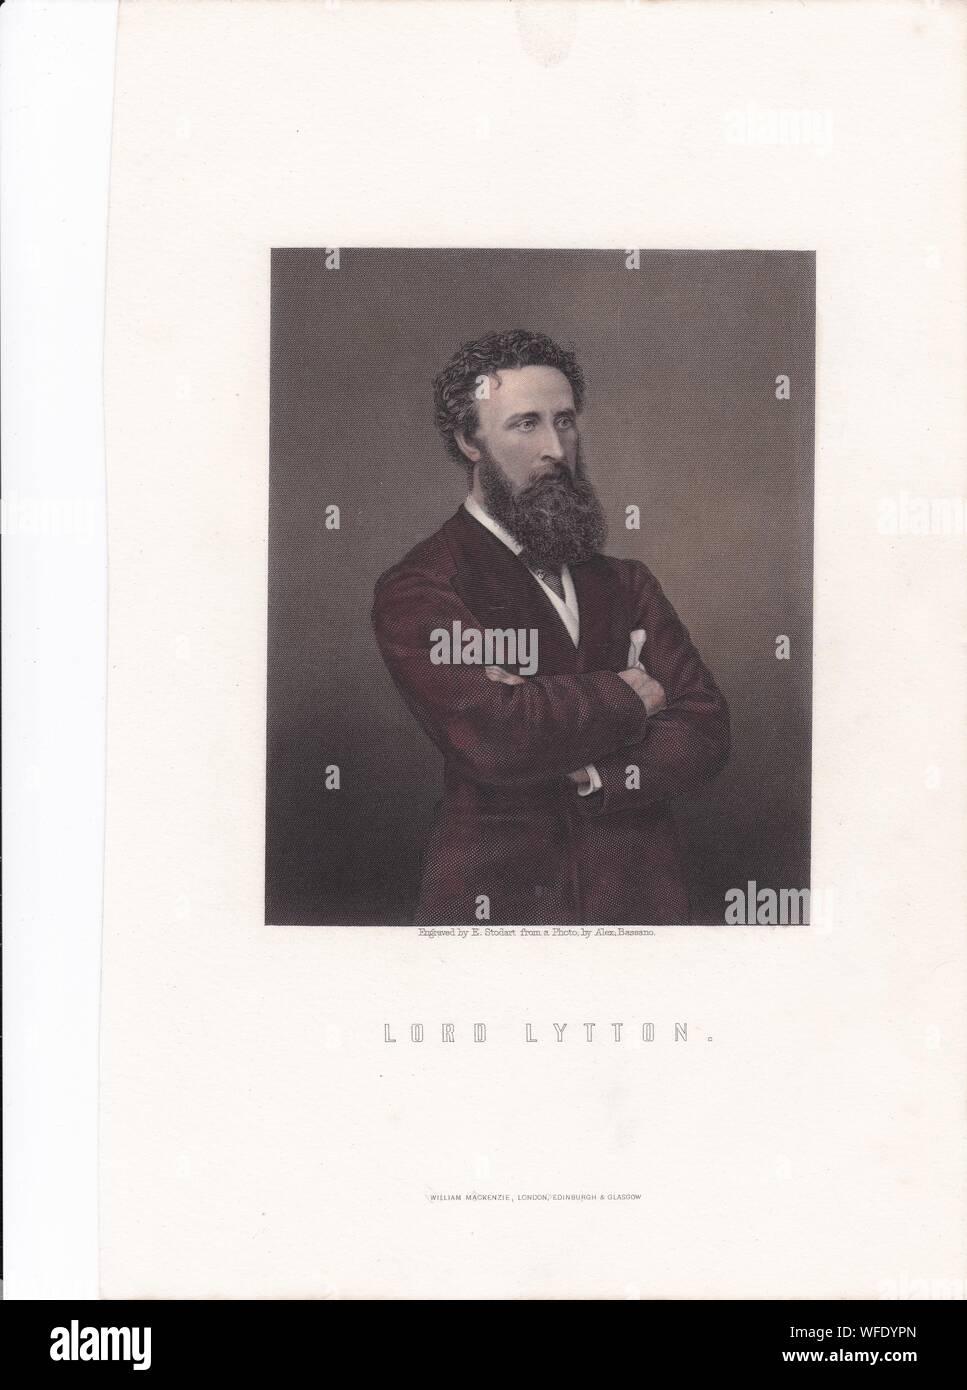 La plaque d'impression de livre / 'Lord Lytton'. Robert Bulwer-Lytton, 1er comte de Lytton. D'État anglais, homme politique conservateur, et poète. Vice-roi de l'Inde Banque D'Images